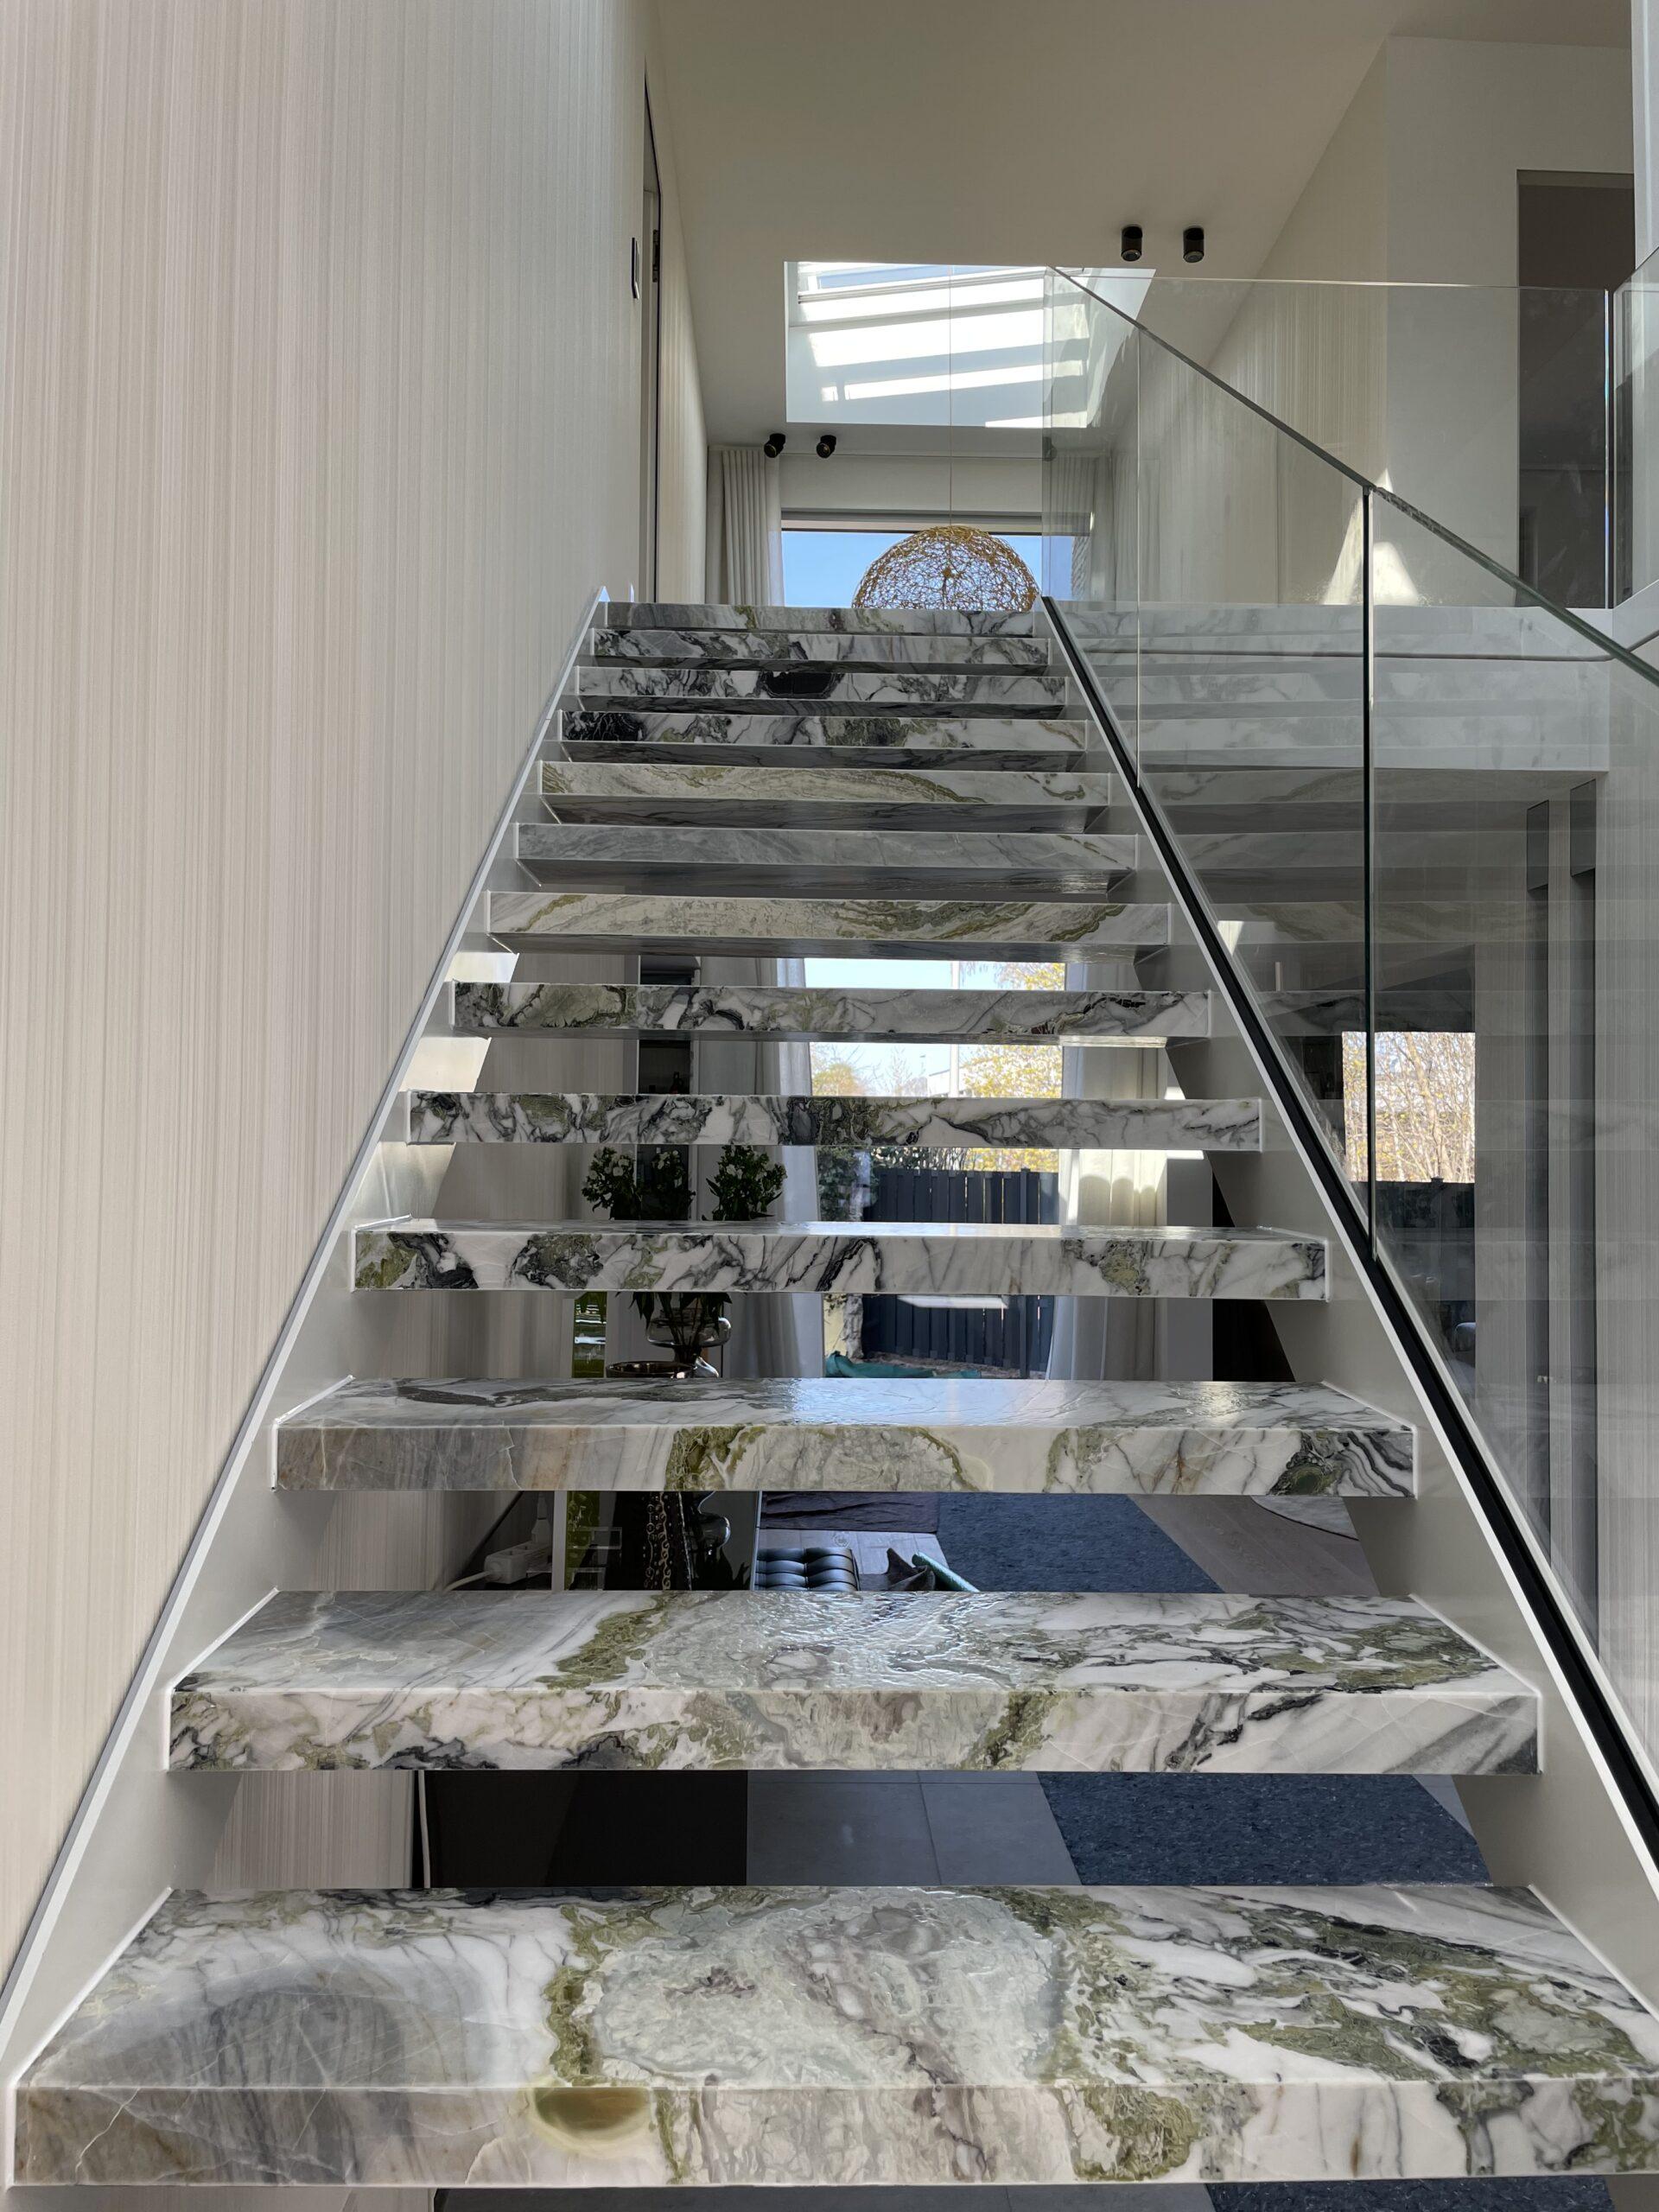 Fliesen Beverungen Treppe aus Stein